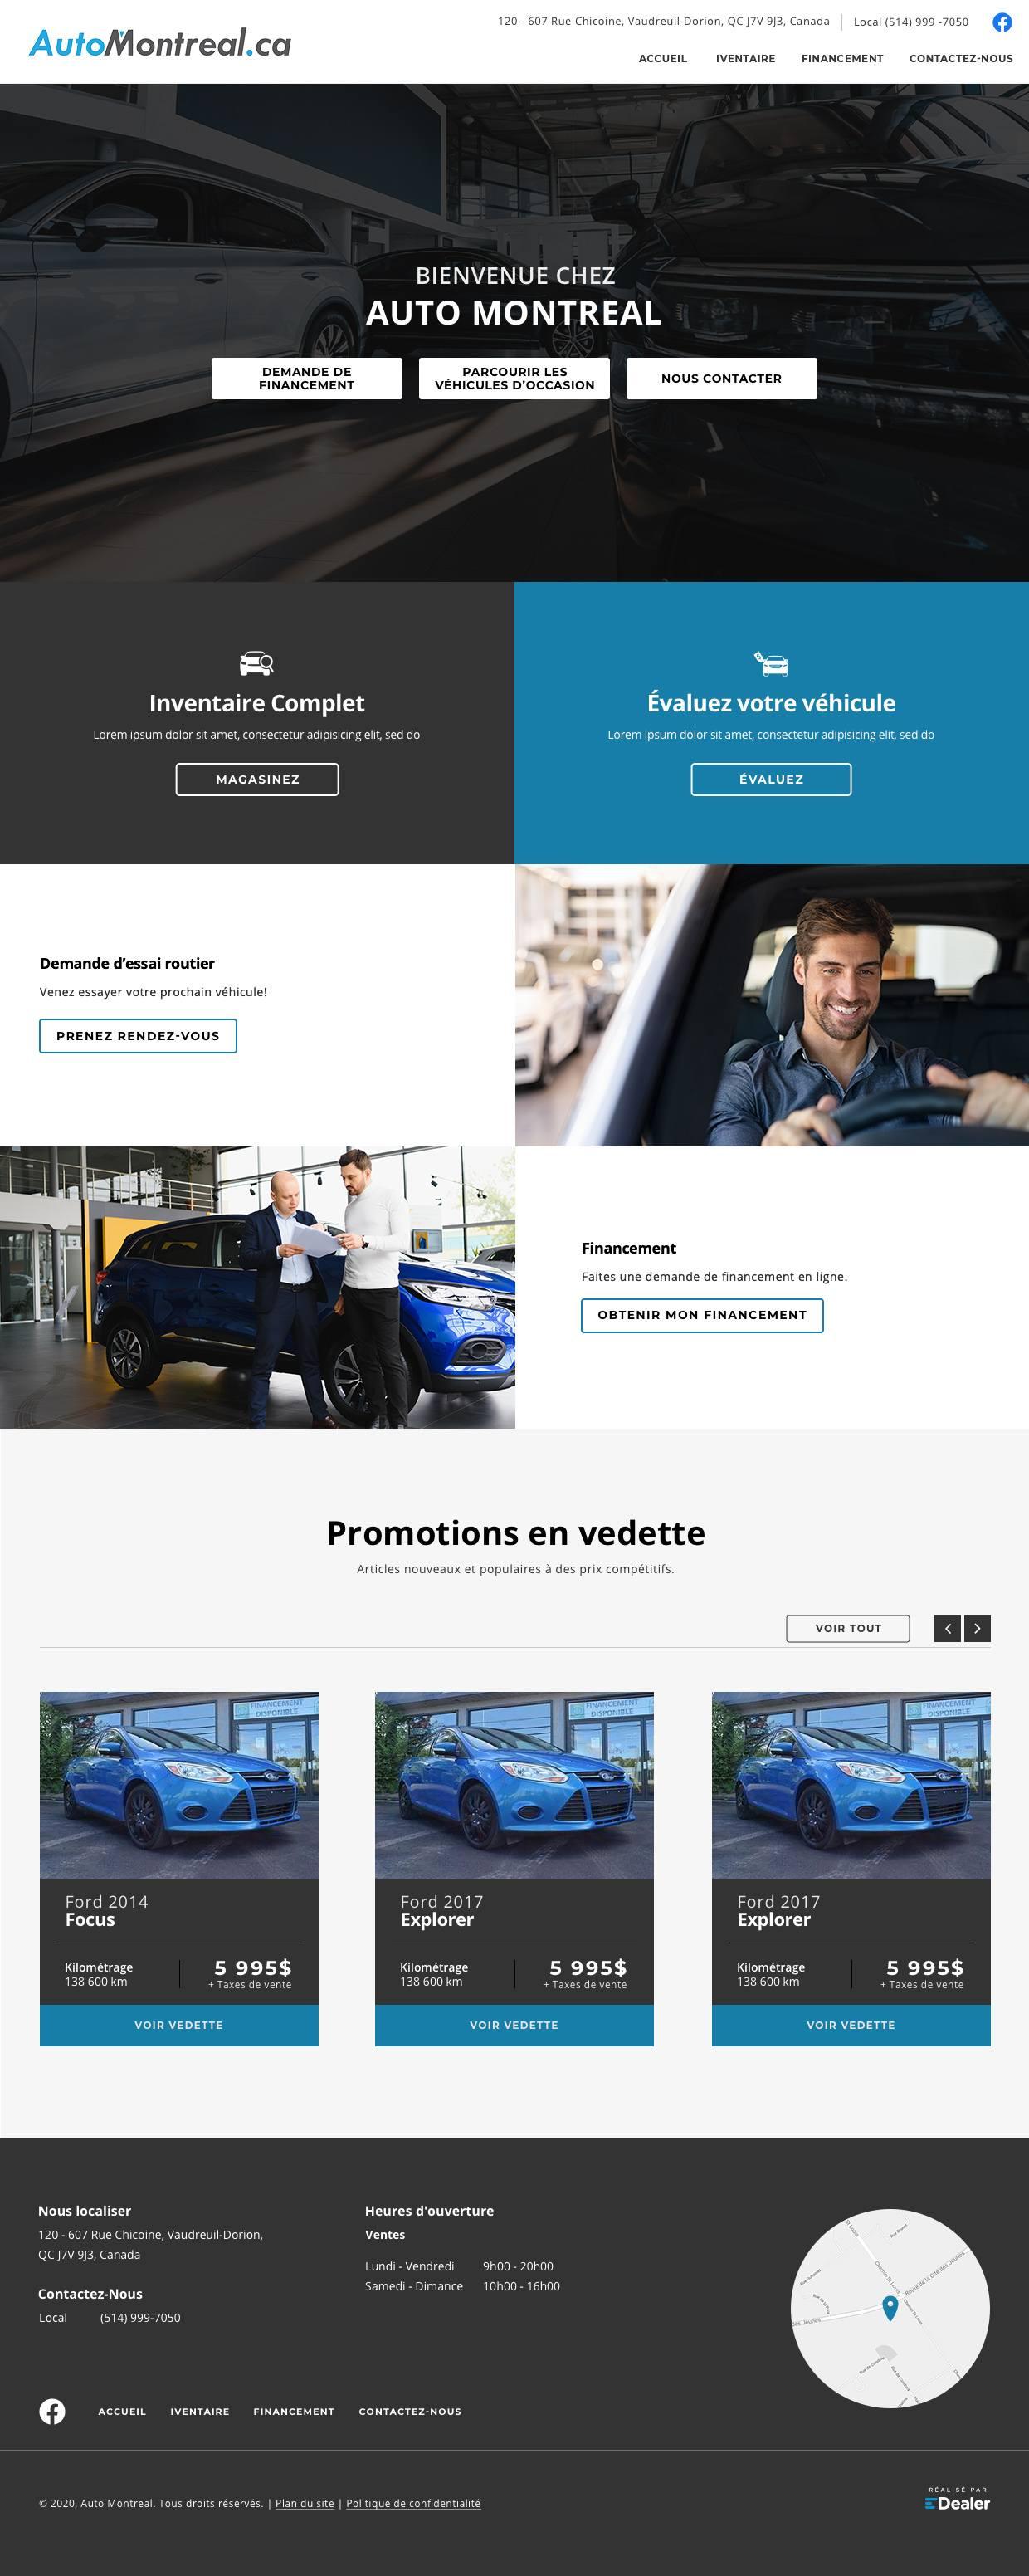 Auto Montreal